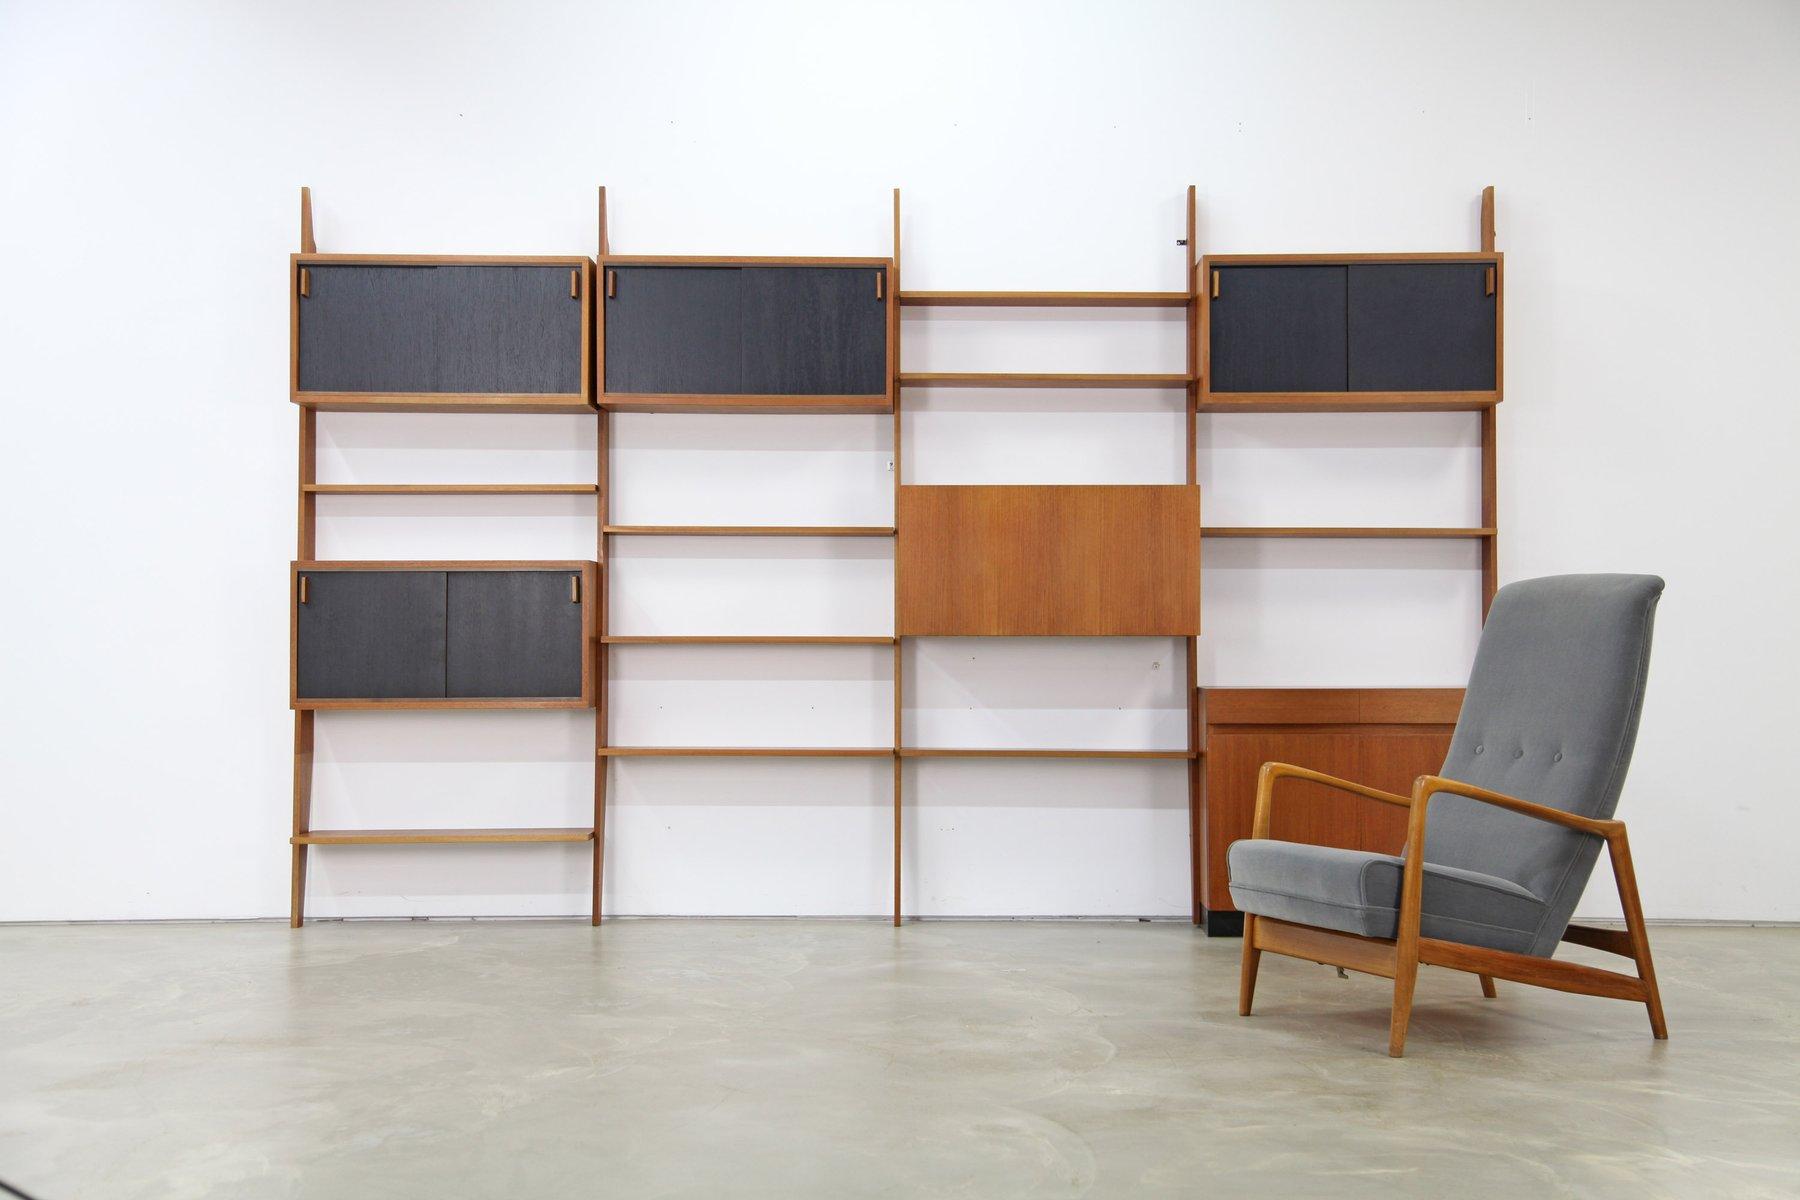 Möbel Behr Wendlingen stunning mid century möbel ideas kosherelsalvador com